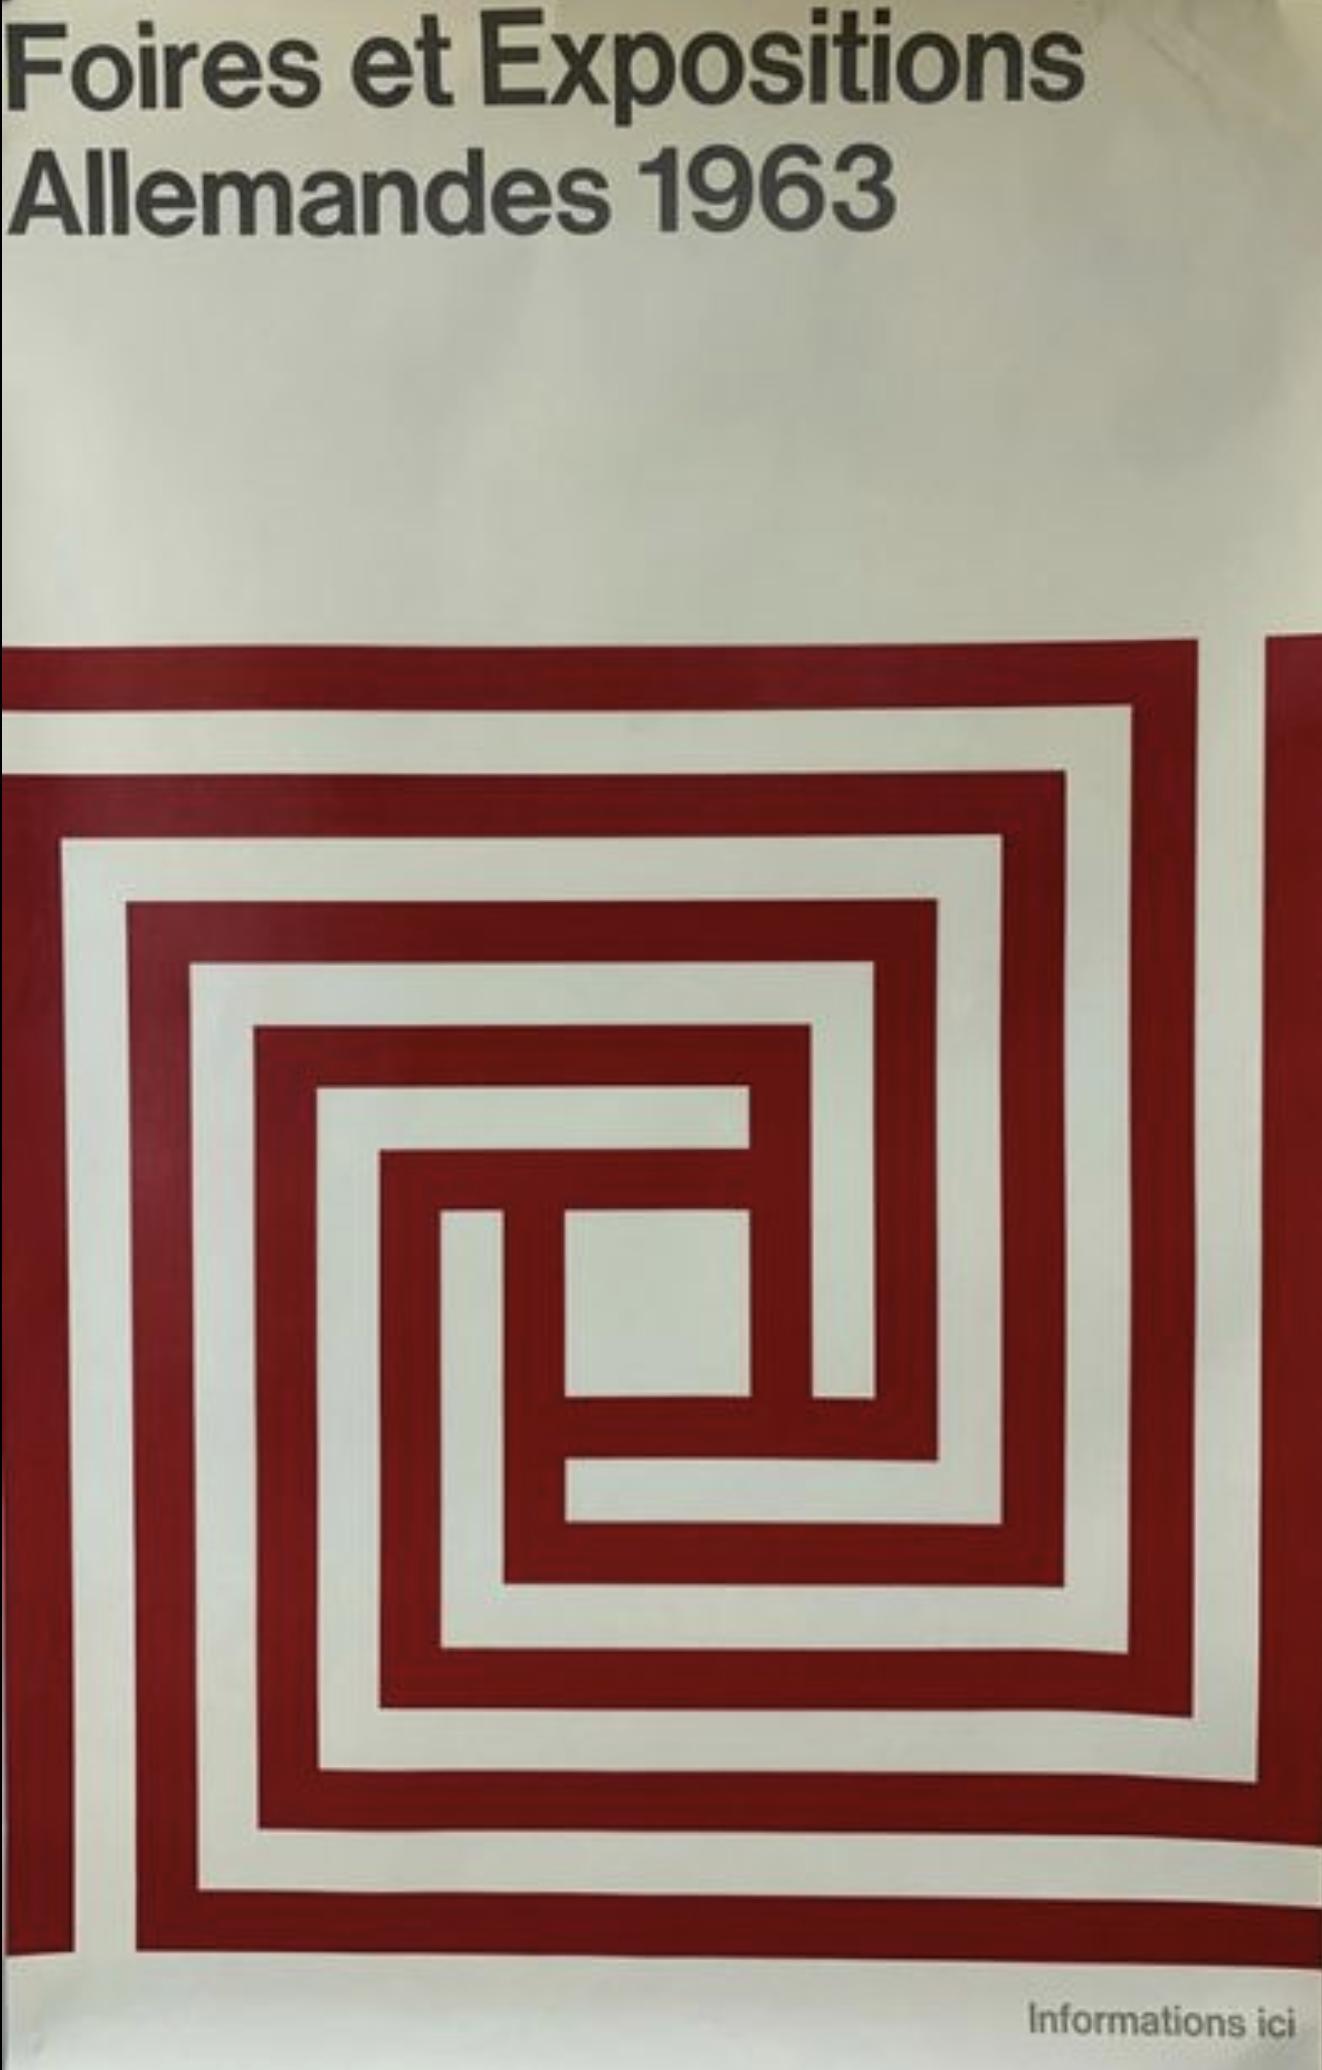 Foires Allemandes 1963 Original Vintage Poster